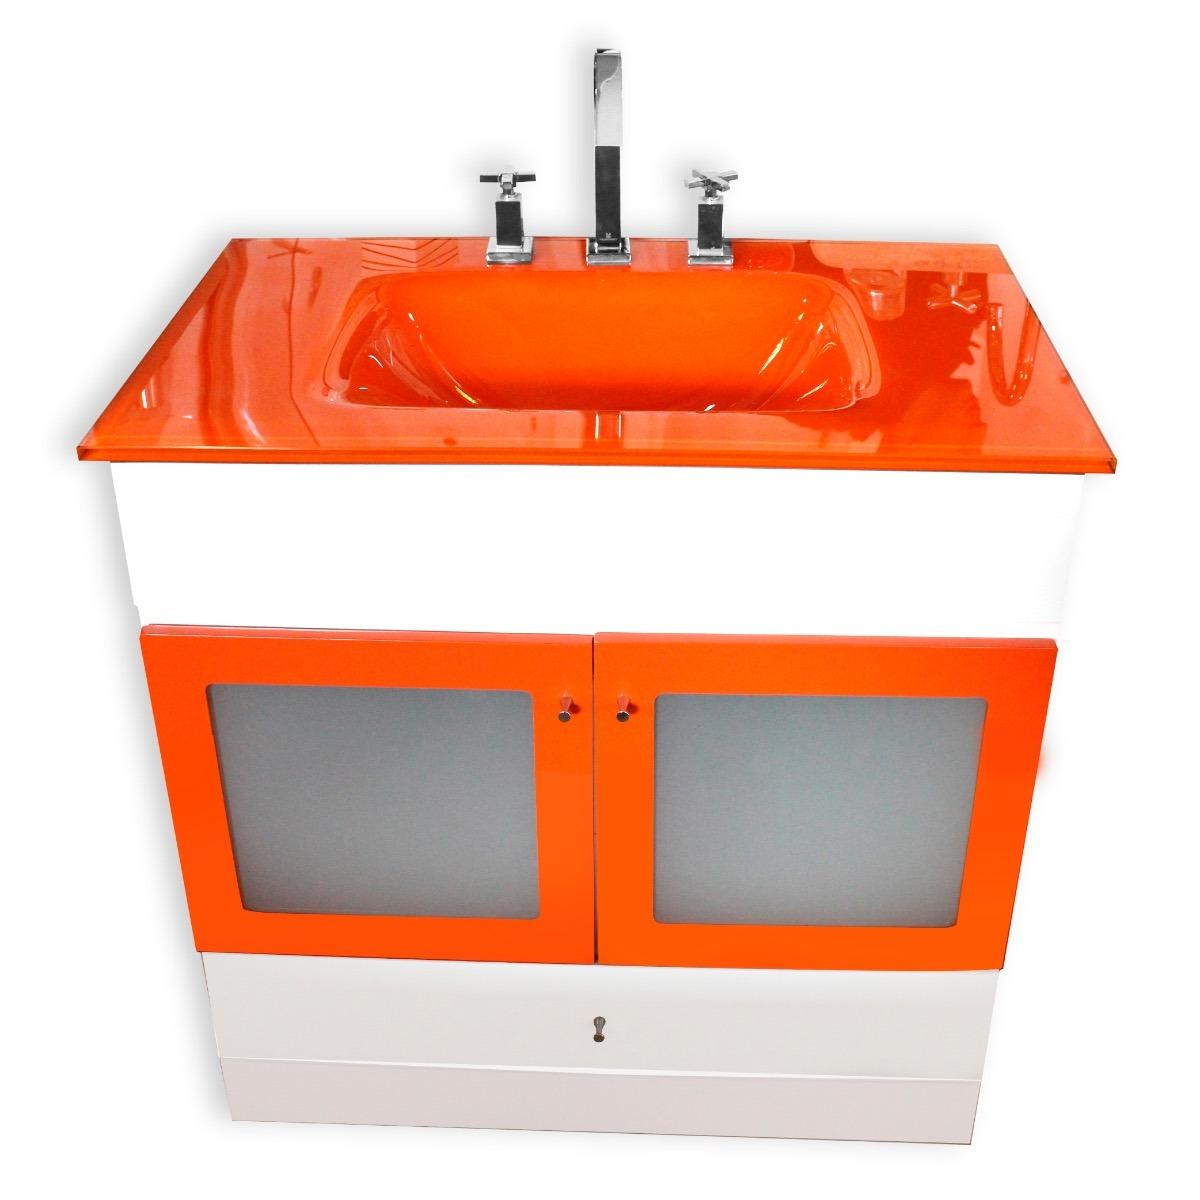 Muebles De Bano Naranja.Mueble Vanitory Mesada De Vidrio Naranja 80x50 Cm Bano 13 380